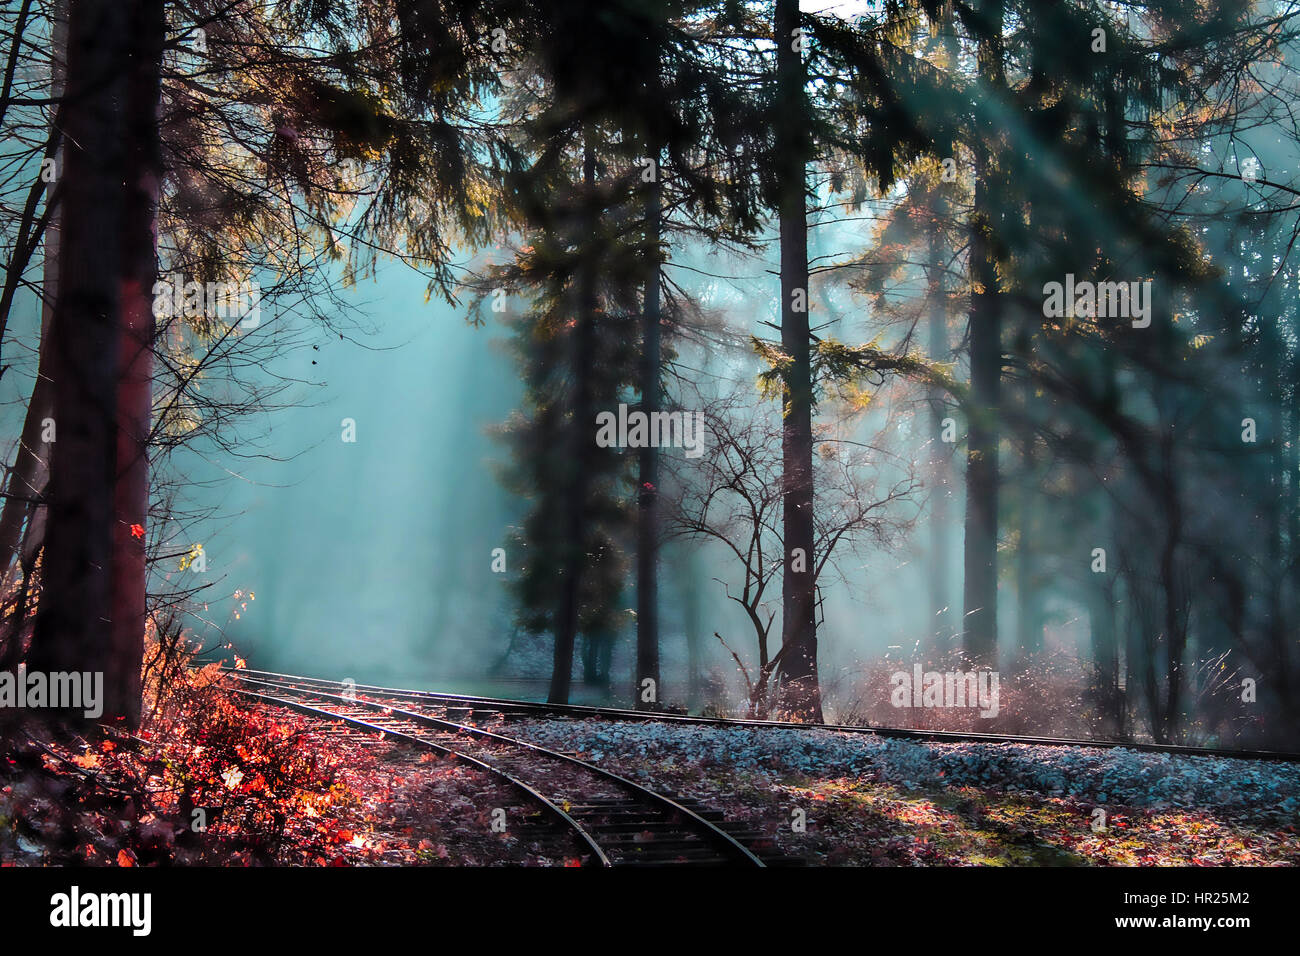 Tale forest - Wonderland - enchanted landscape - Stock Image